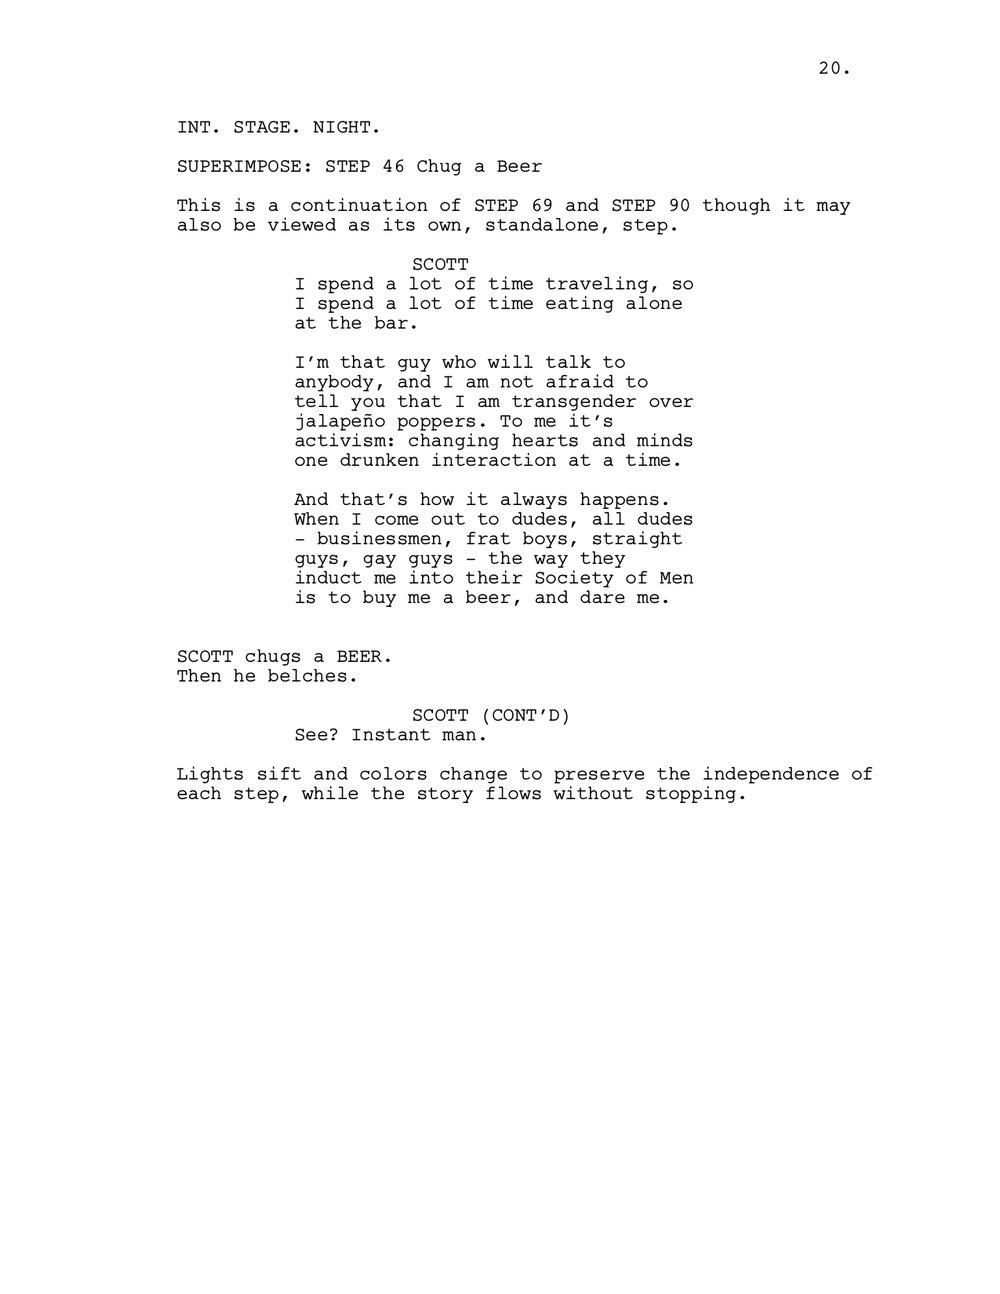 pg 20.jpg